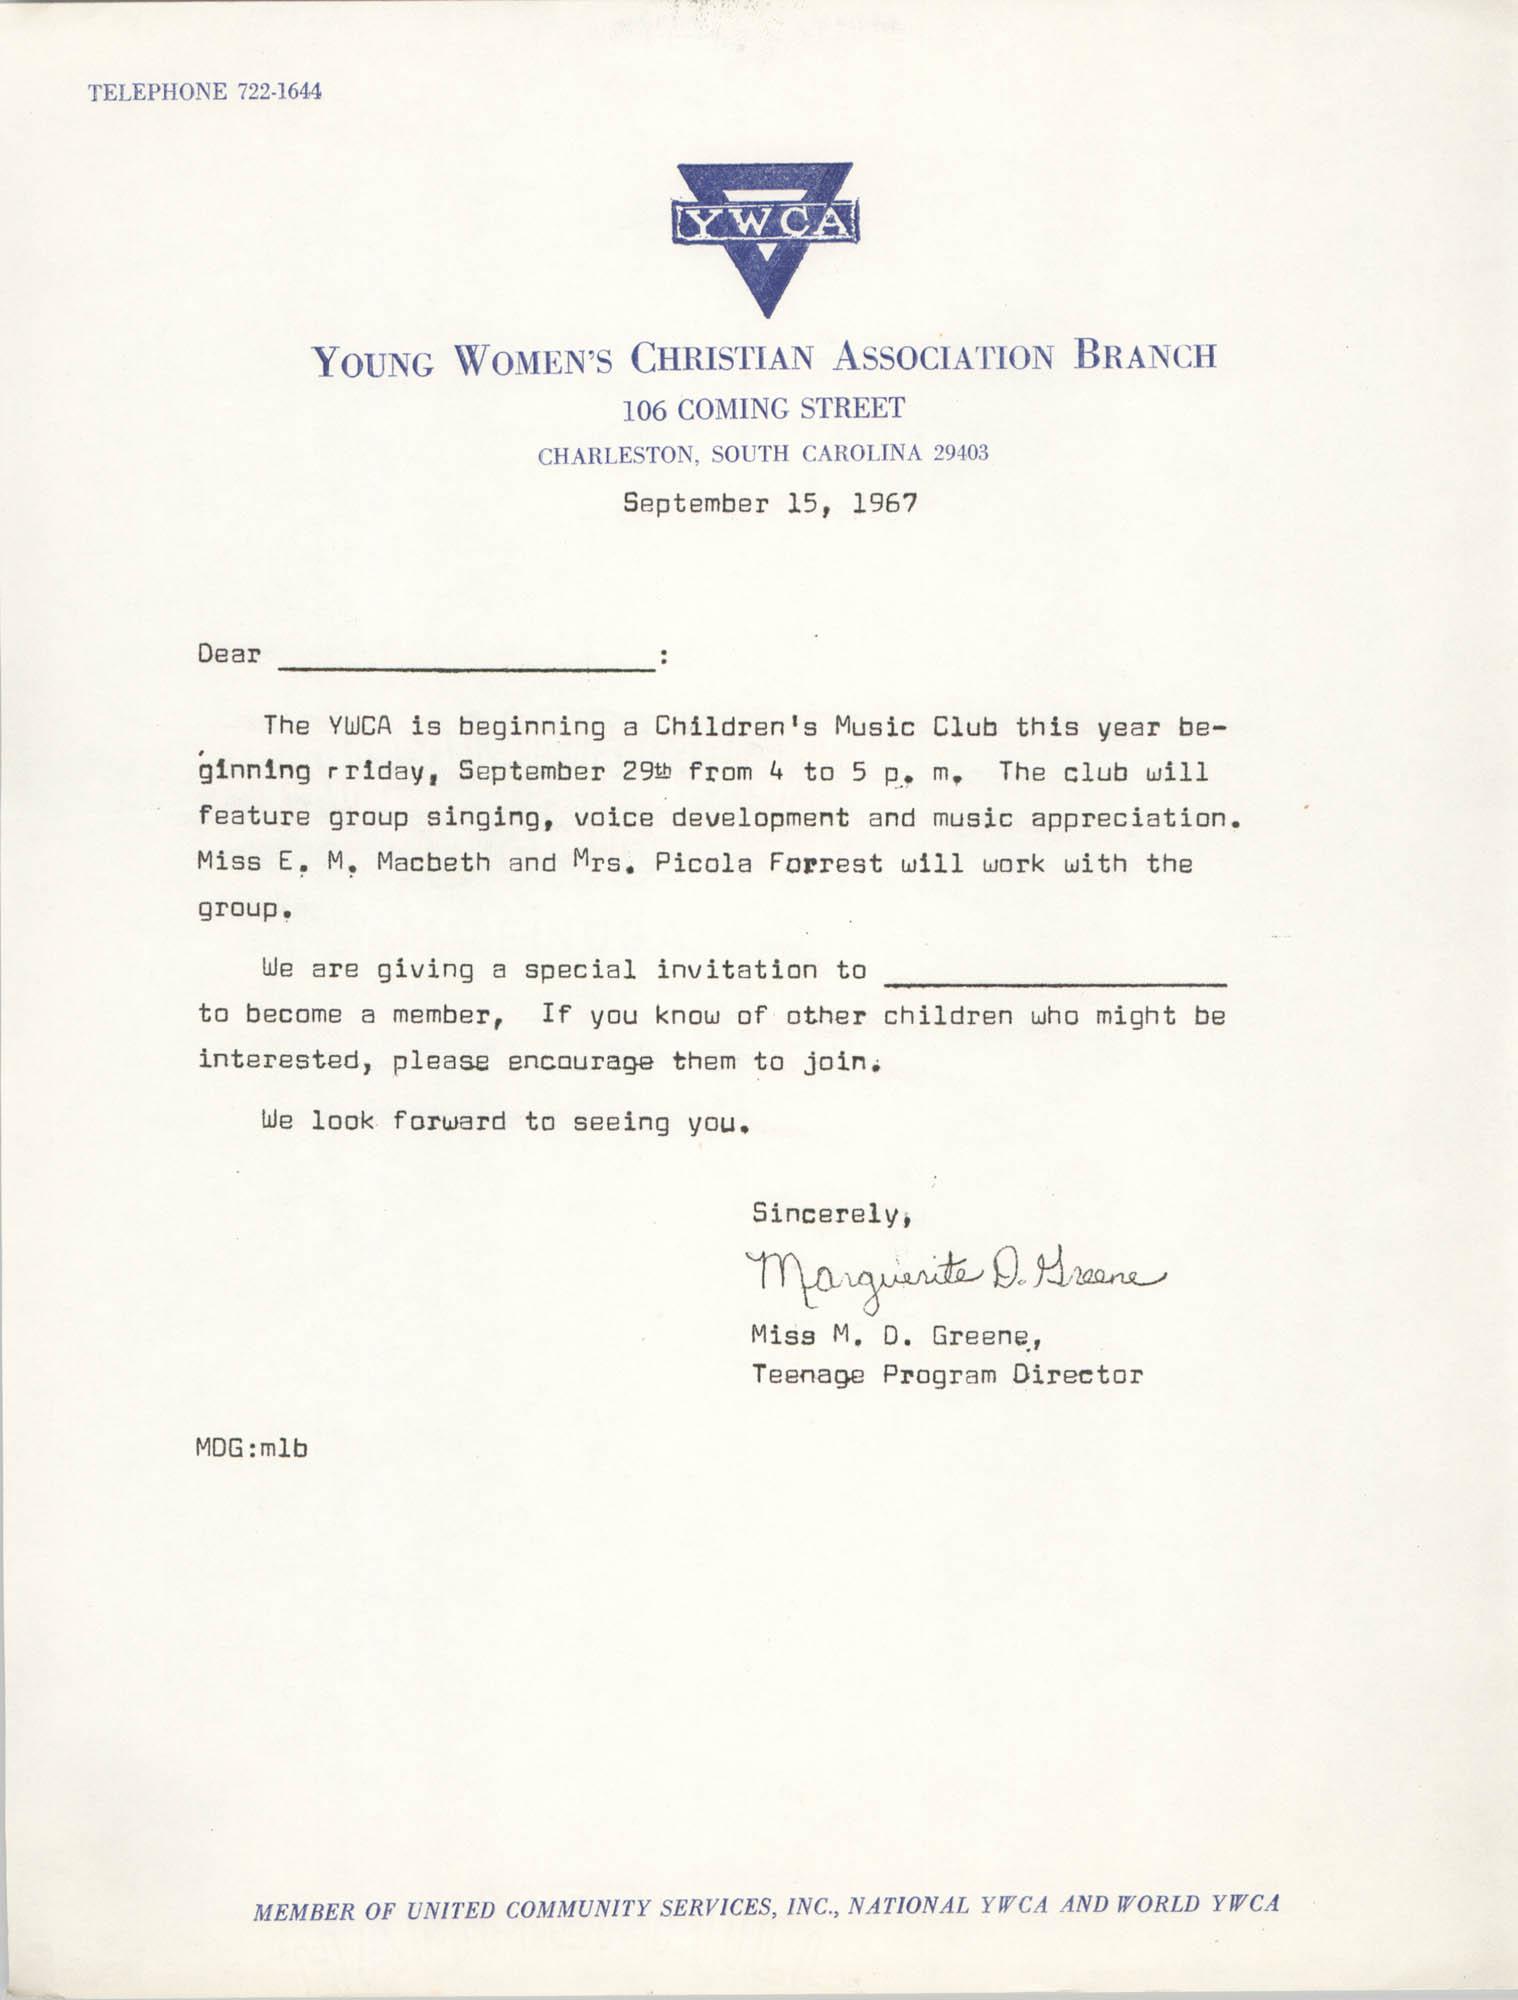 Letter from Marguerite D. Greene, September 8, 1967